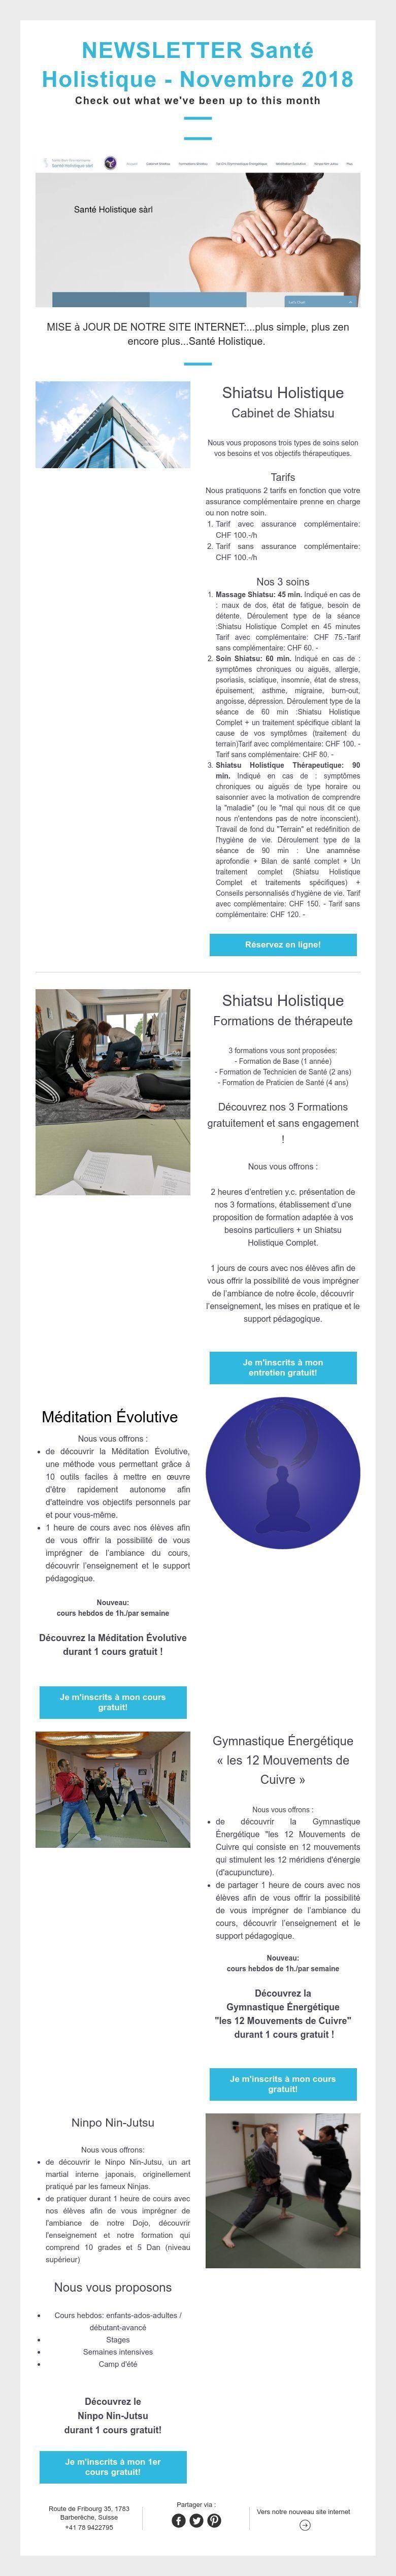 NEWSLETTER Santé Holistique Novembre 2018 Check out what